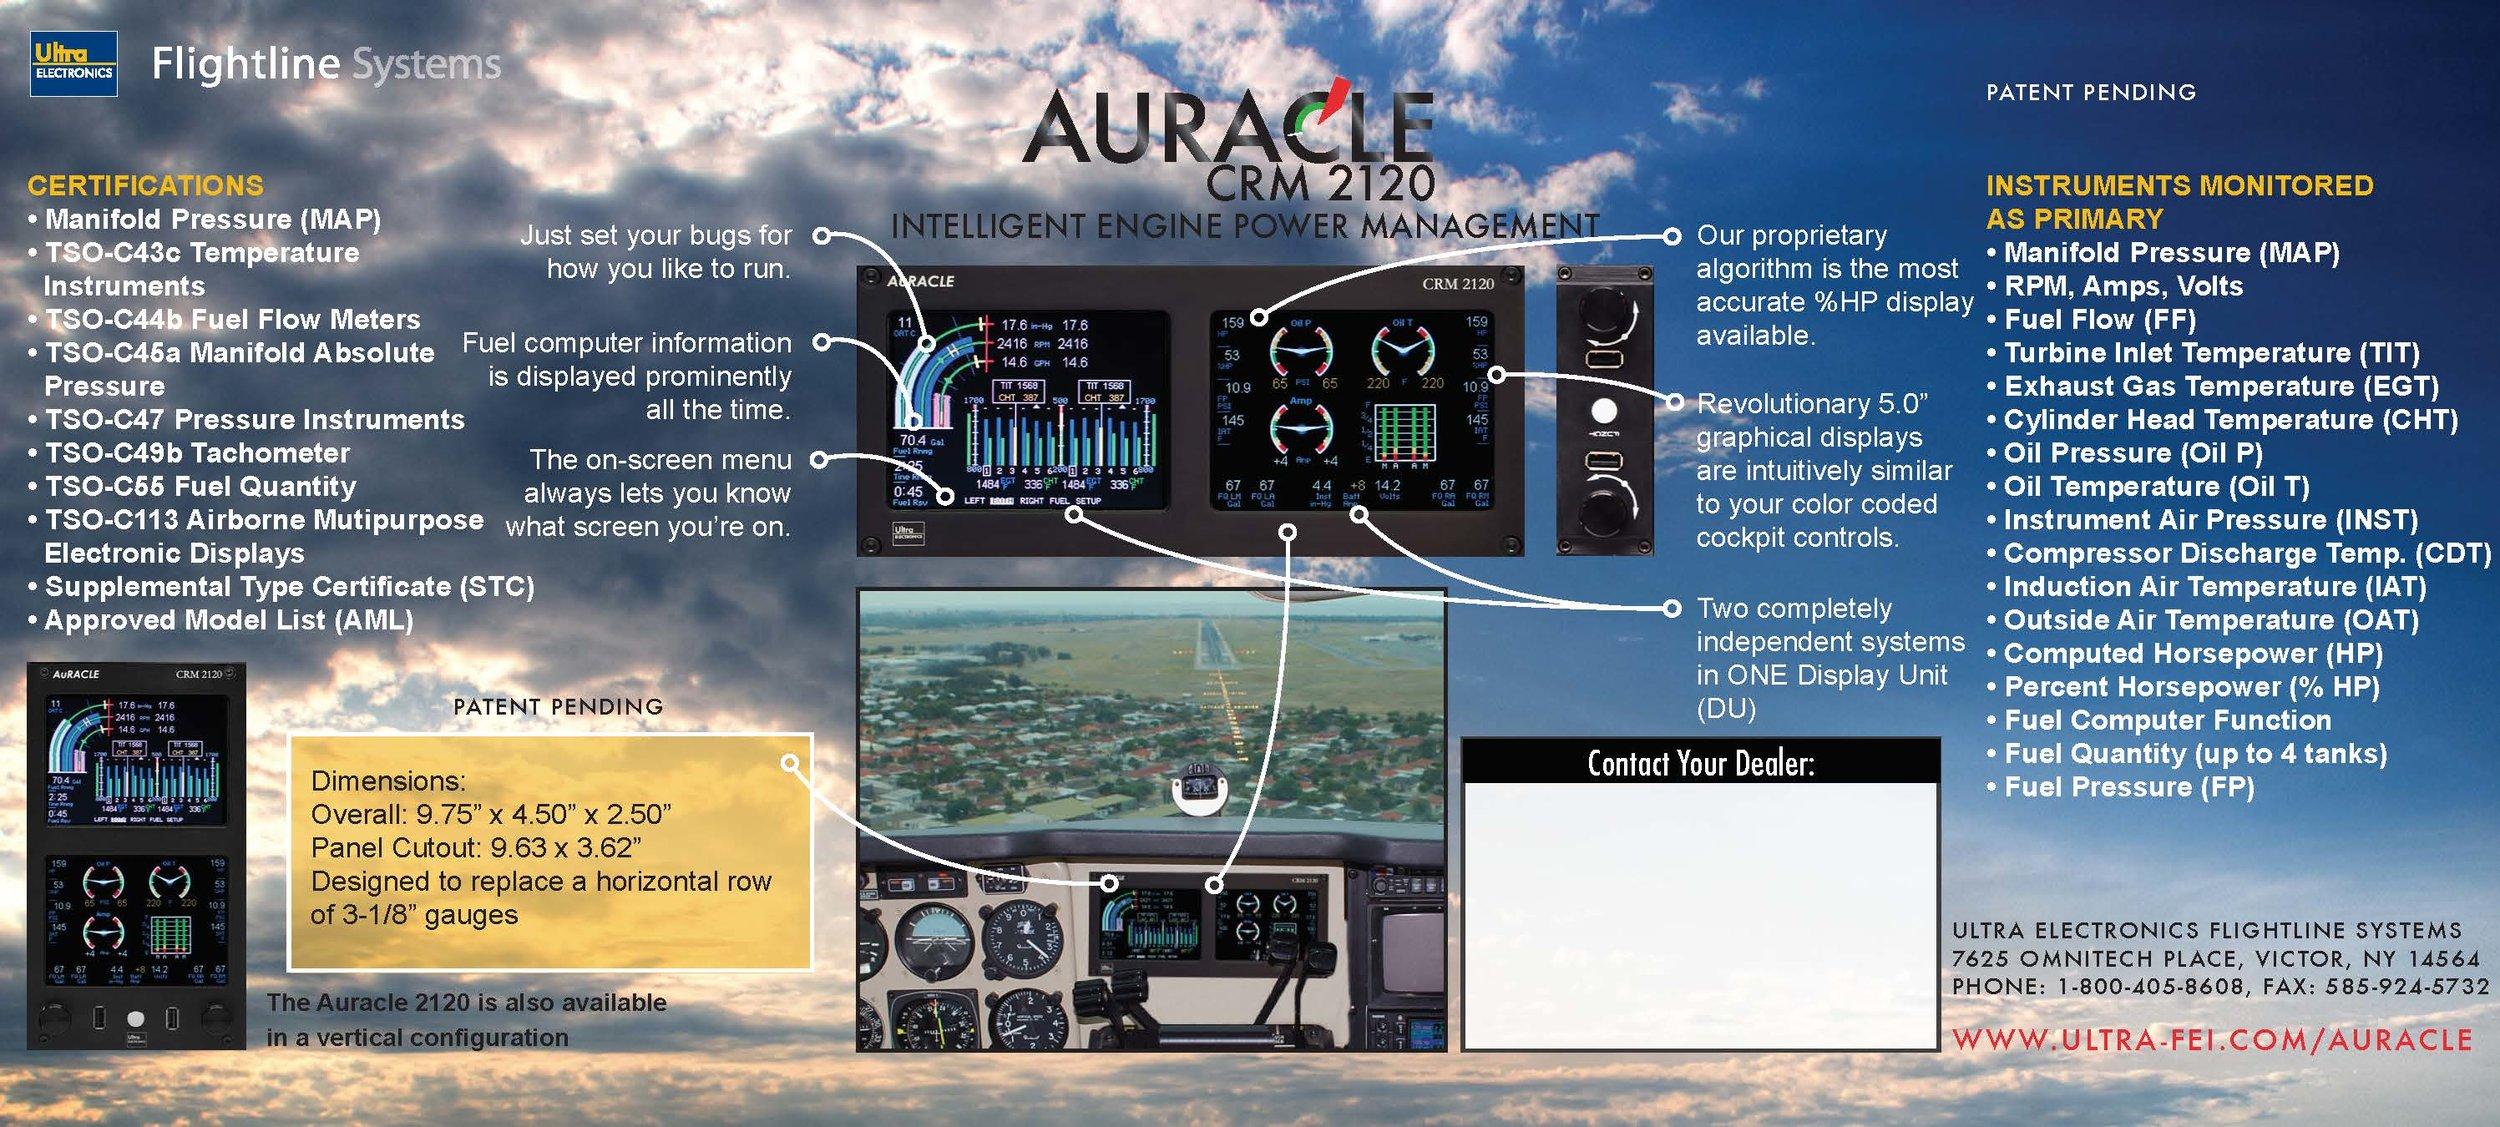 203 Auracle 2120 Horizontal Narrow Sizing Card v4 Print_Page_2.jpg